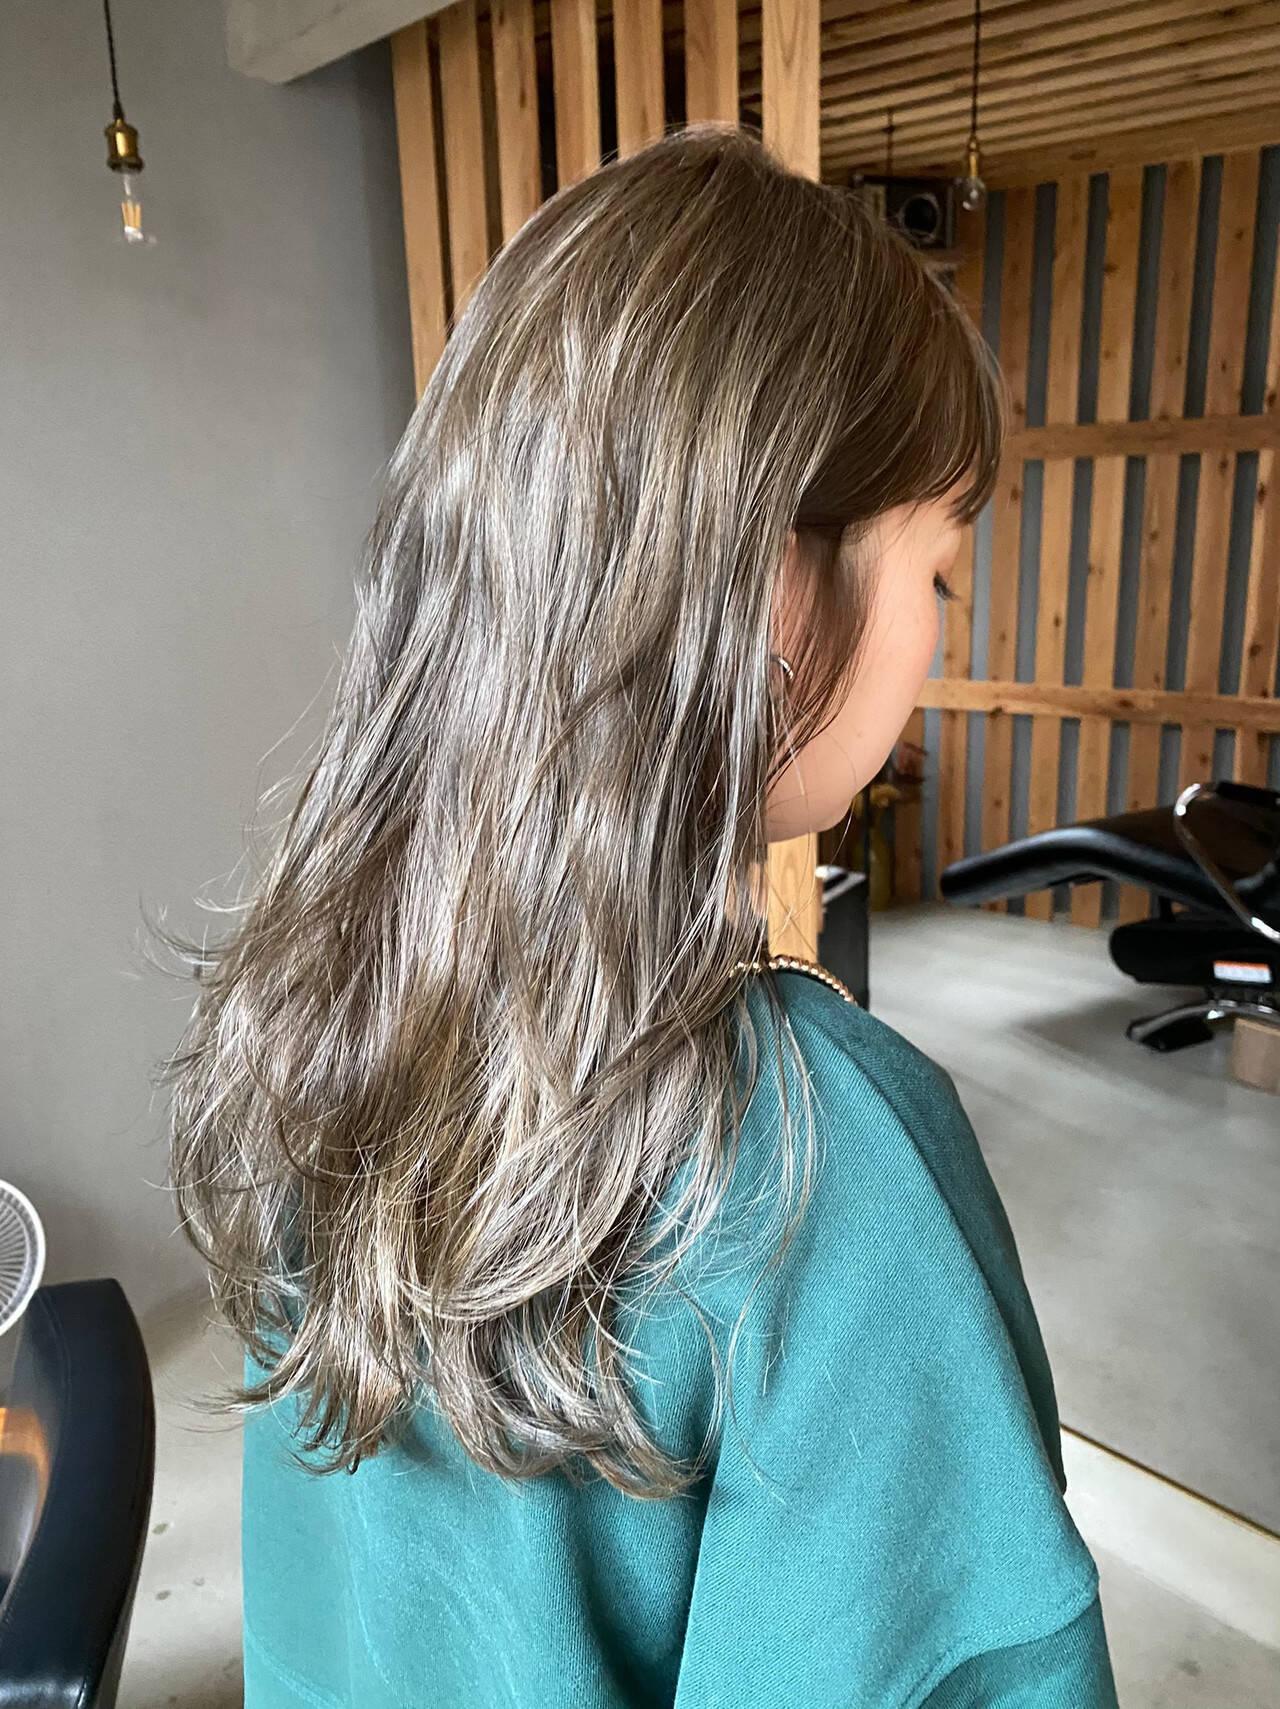 ナチュラル 透明感 ロング くすみベージュヘアスタイルや髪型の写真・画像